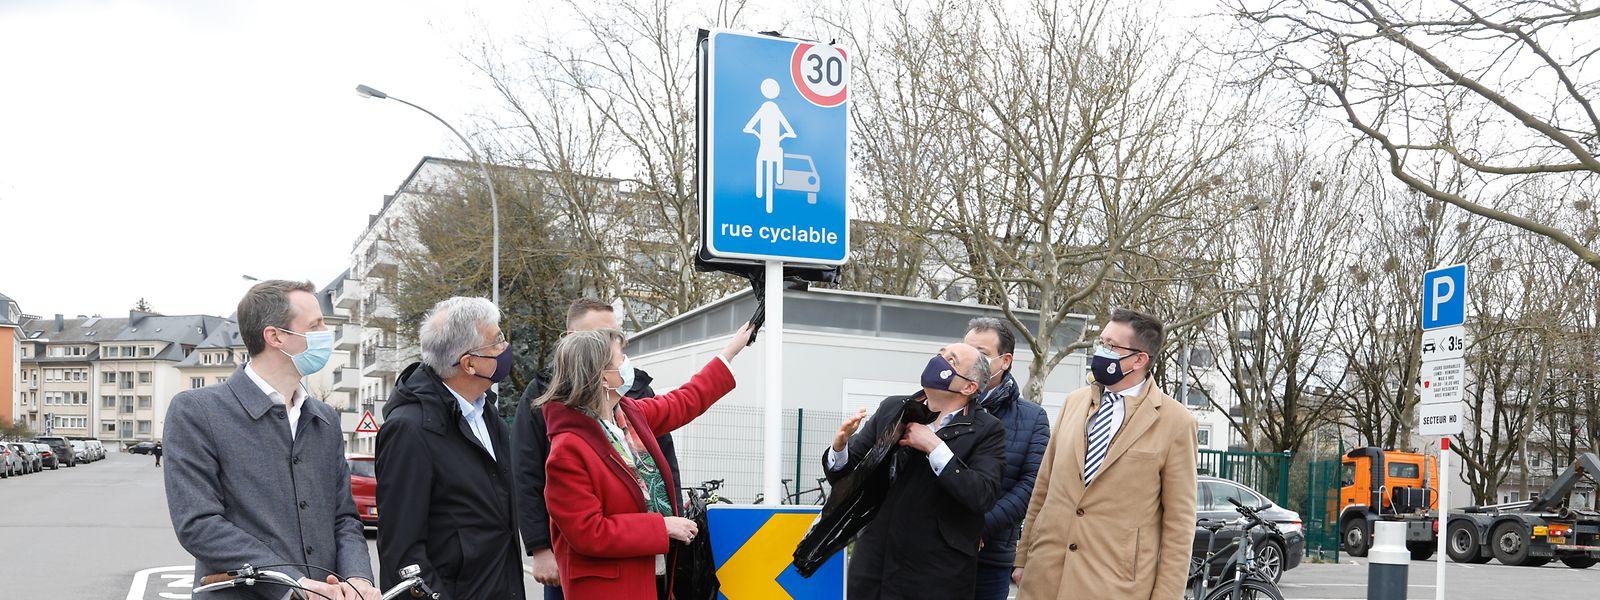 Am vergangenen Freitag hat der hauptstädtische Schöffenrat die Fahrradstraße in der Rue de Bragance feierlich eingeweiht.